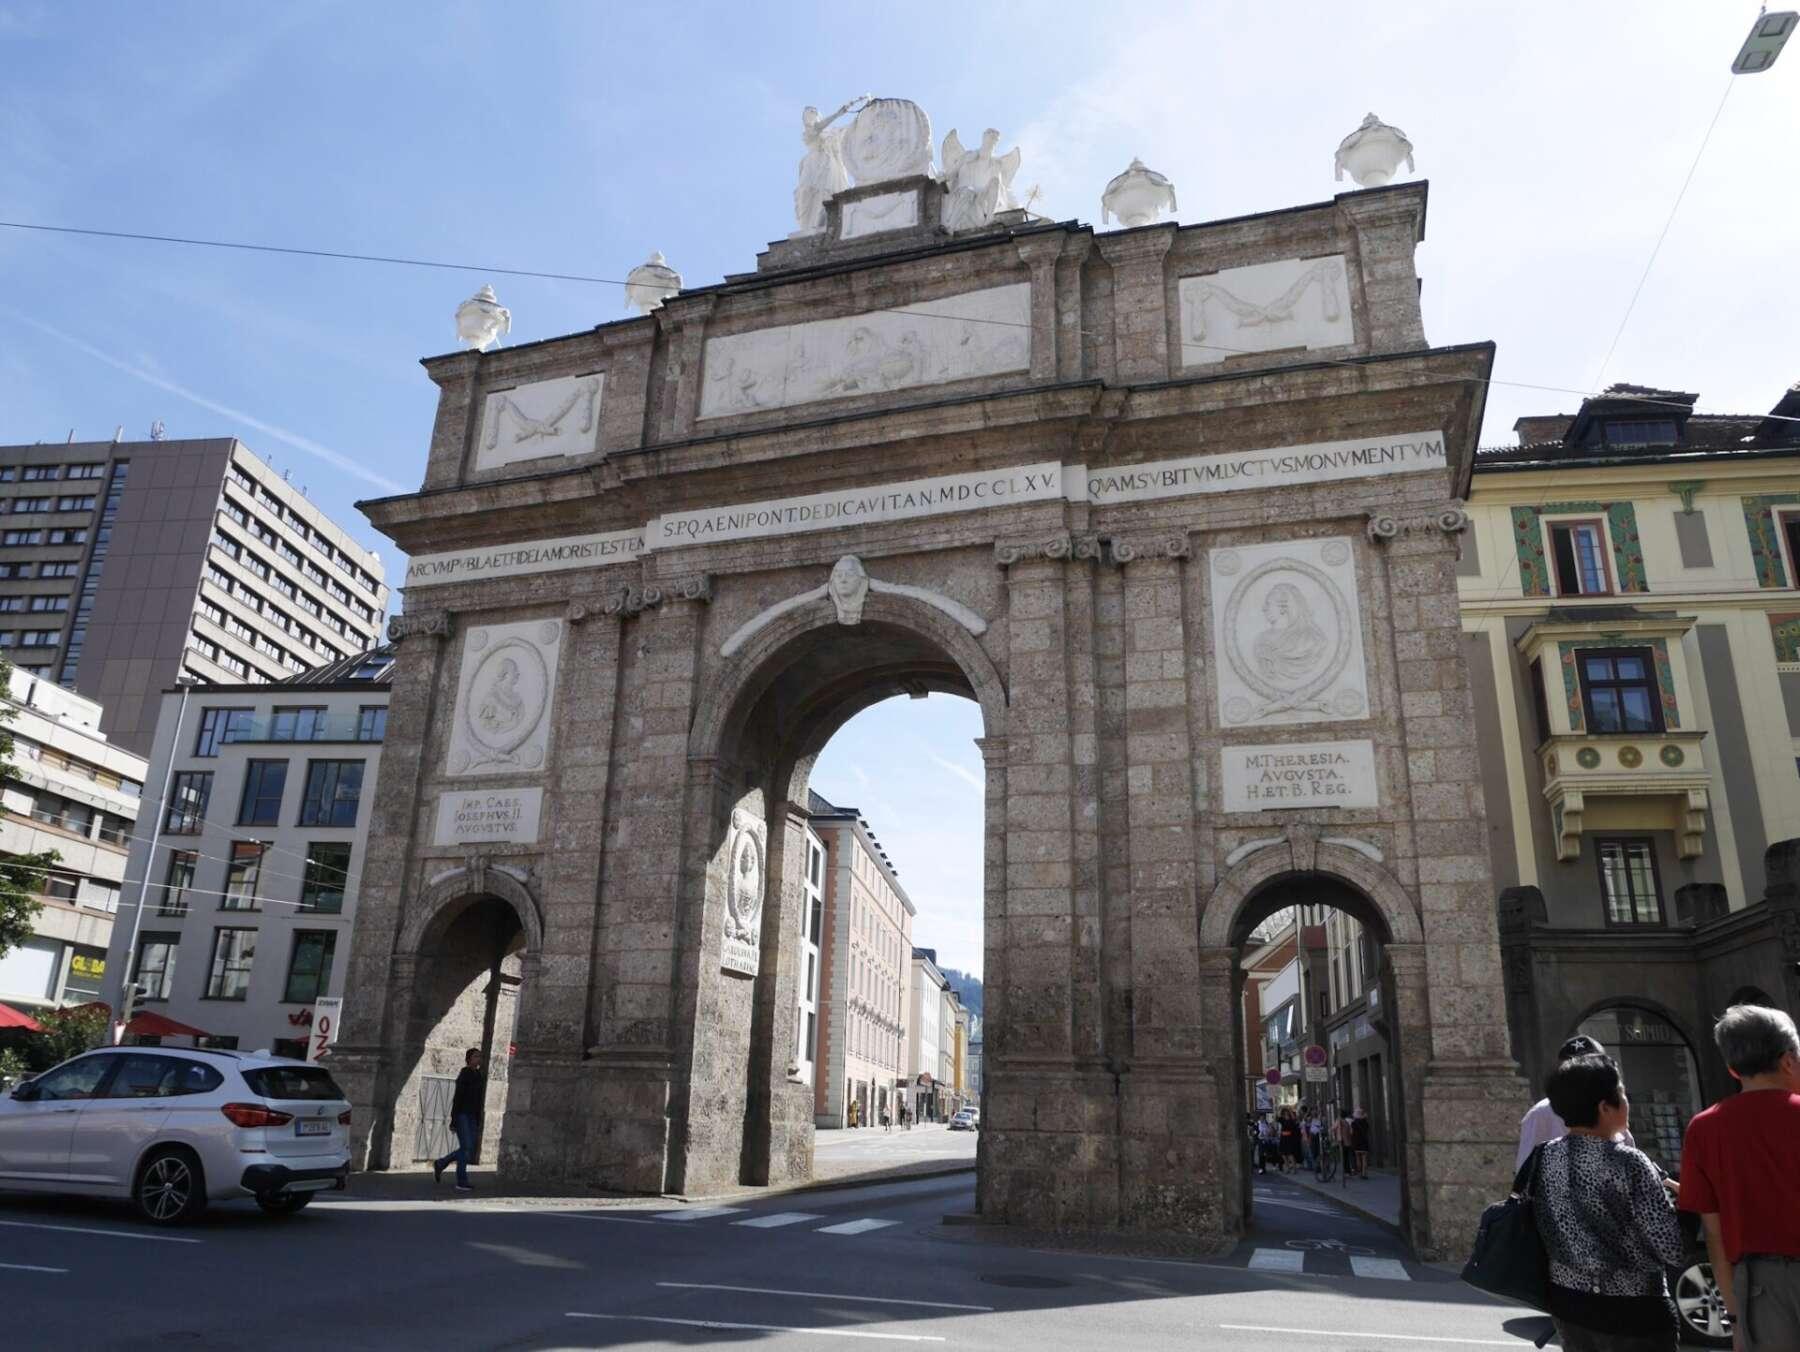 ประตูชัยอินส์บรุค (Triumphal Arch, Innsbruck)